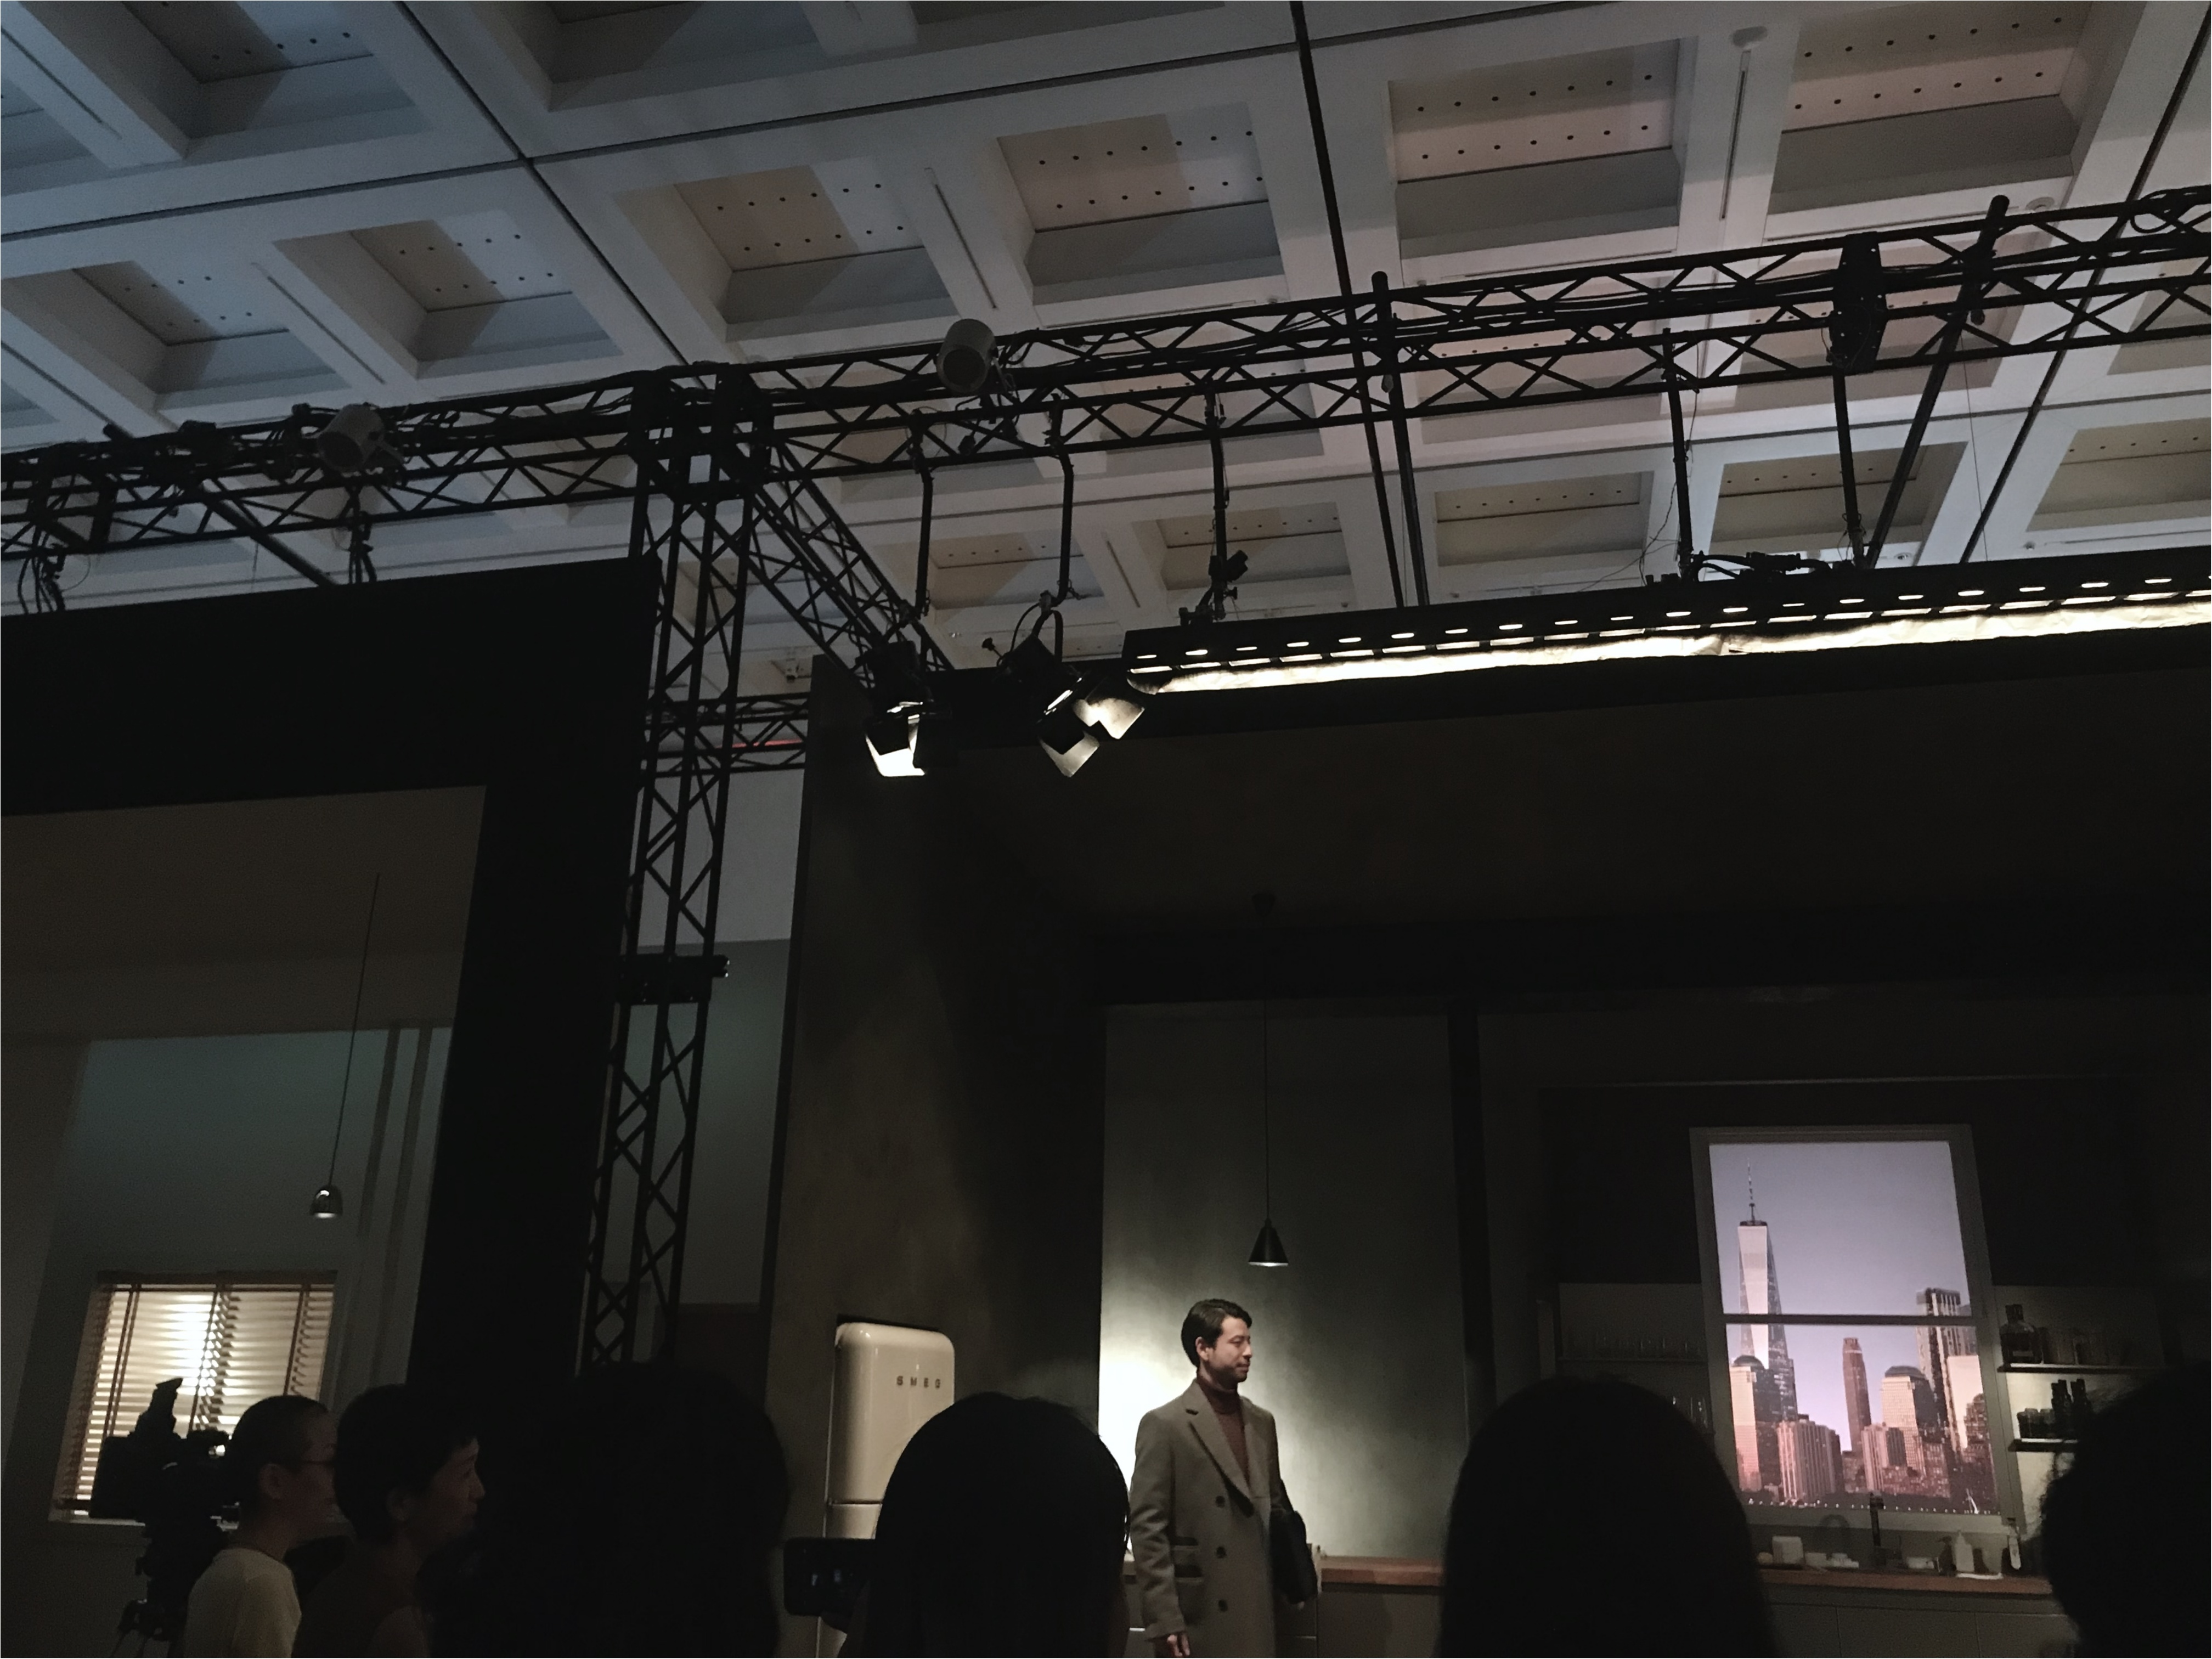 """【HERMES展】六本木で開催中の展示会"""" 彼女と。"""" シネマ体験で映画の世界へ入り込む!_4"""